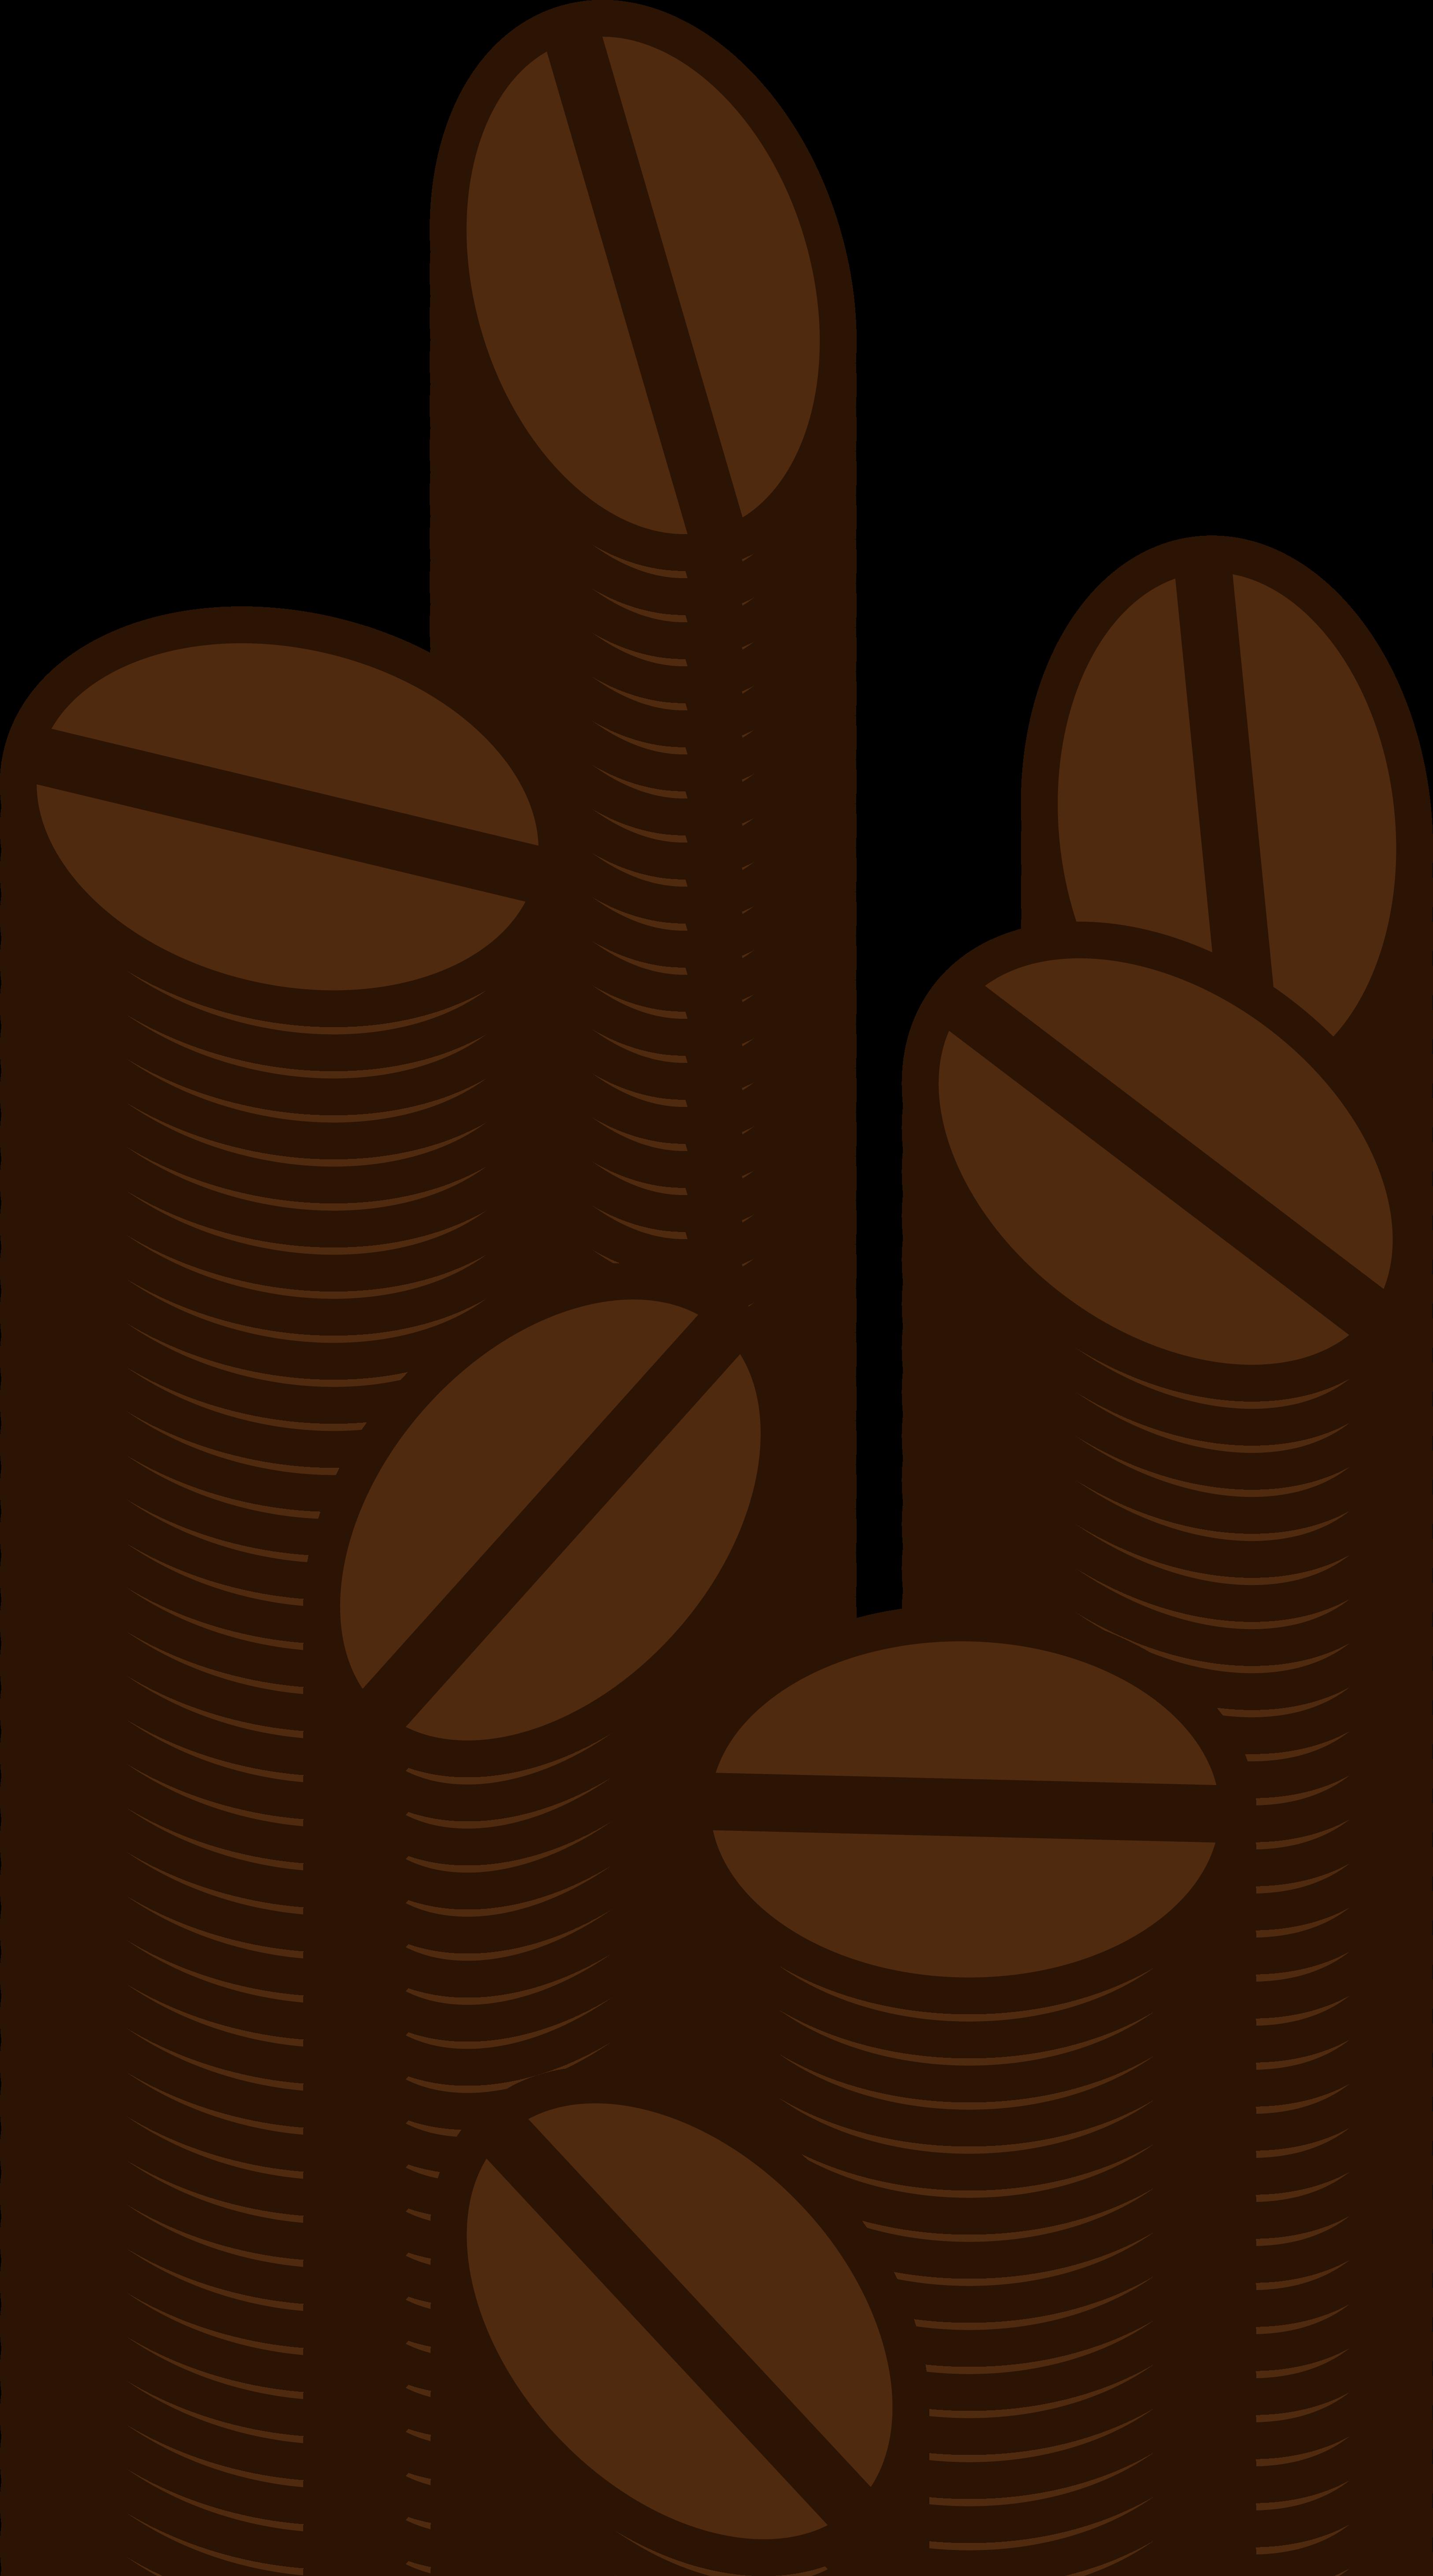 Coffee Bean Clip Art Free.